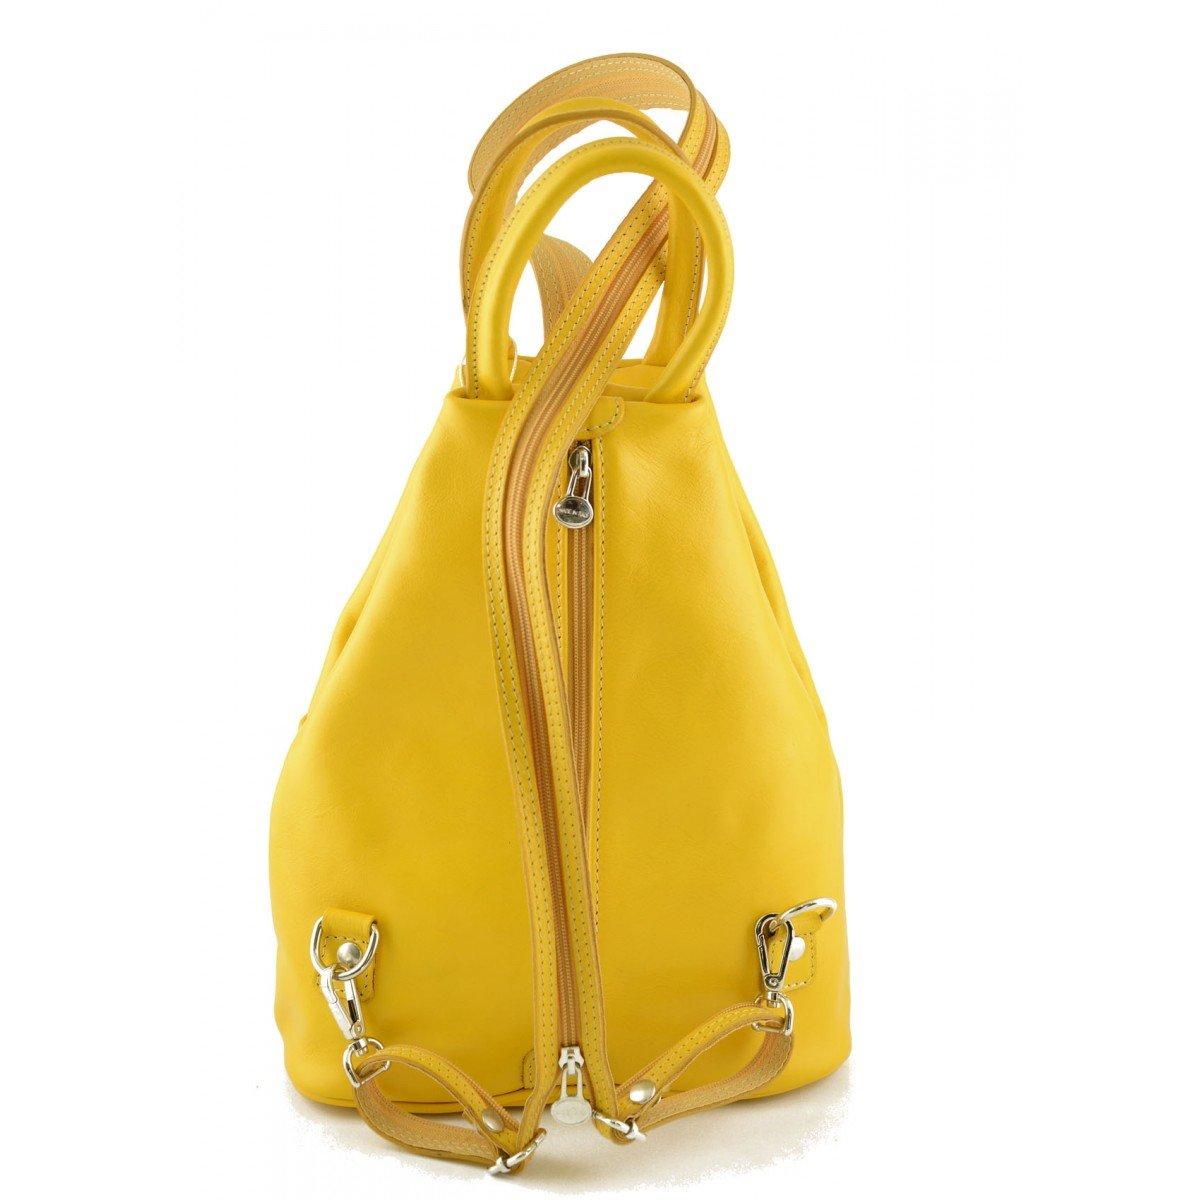 9beb6e078 Bolso De Espalda Para Mujer En Piel Verdadera Con Bandoleras Ajustables  Color Amarillo - Peleteria Echa En Italia - Bolso Espalda: Amazon.es:  Zapatos y ...